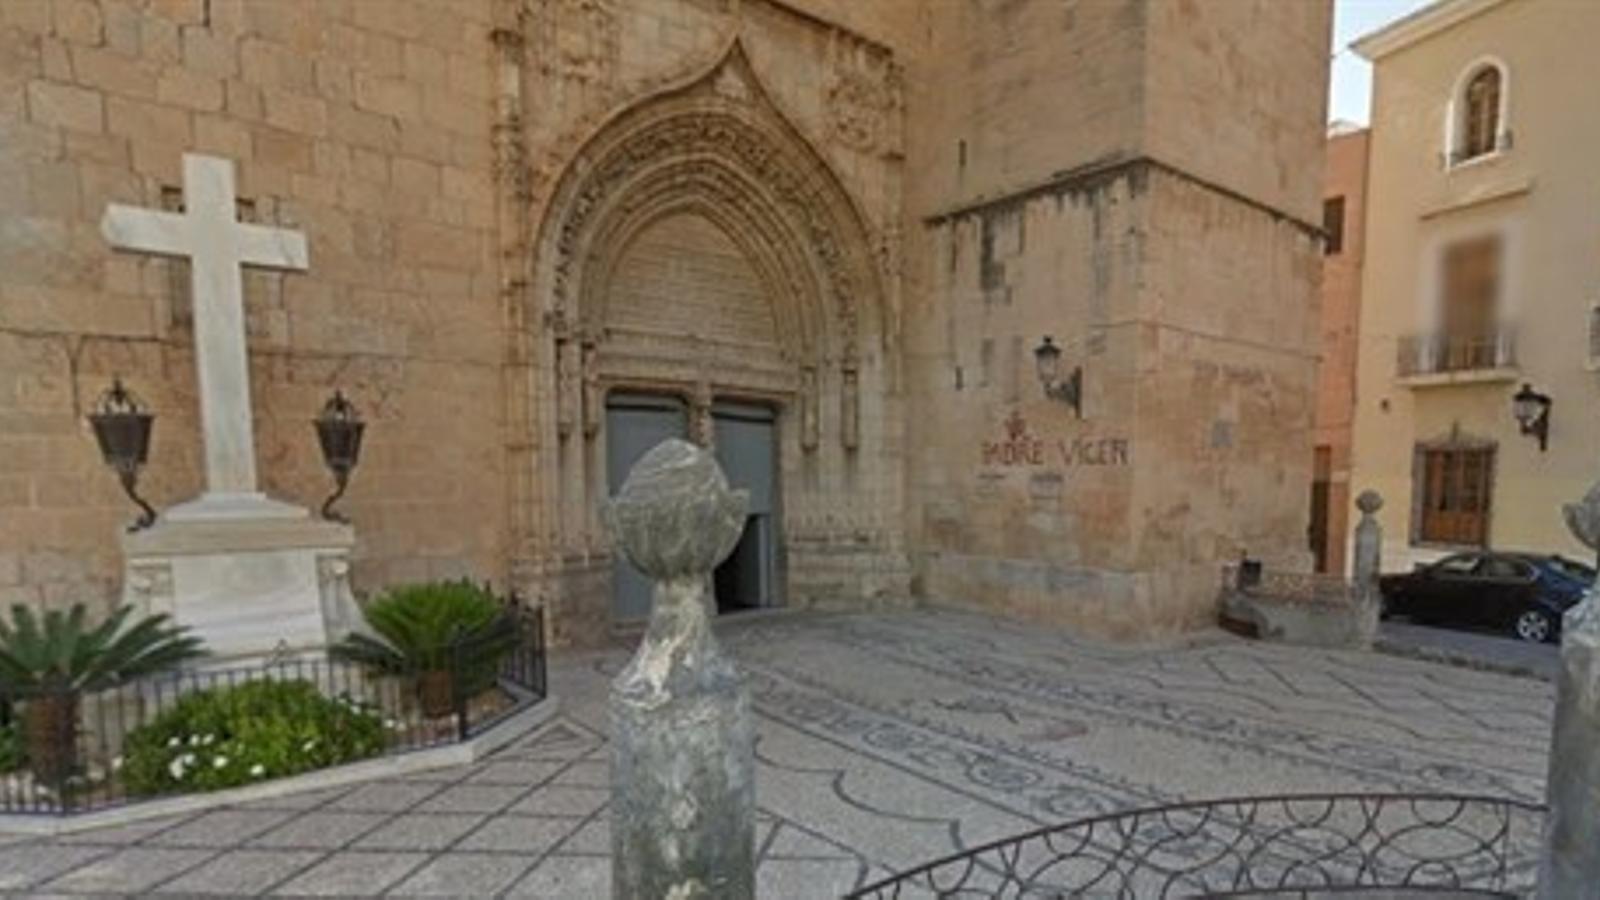 Imatge de la creu a les portes de l'església de Callosa d'en Sarrià.